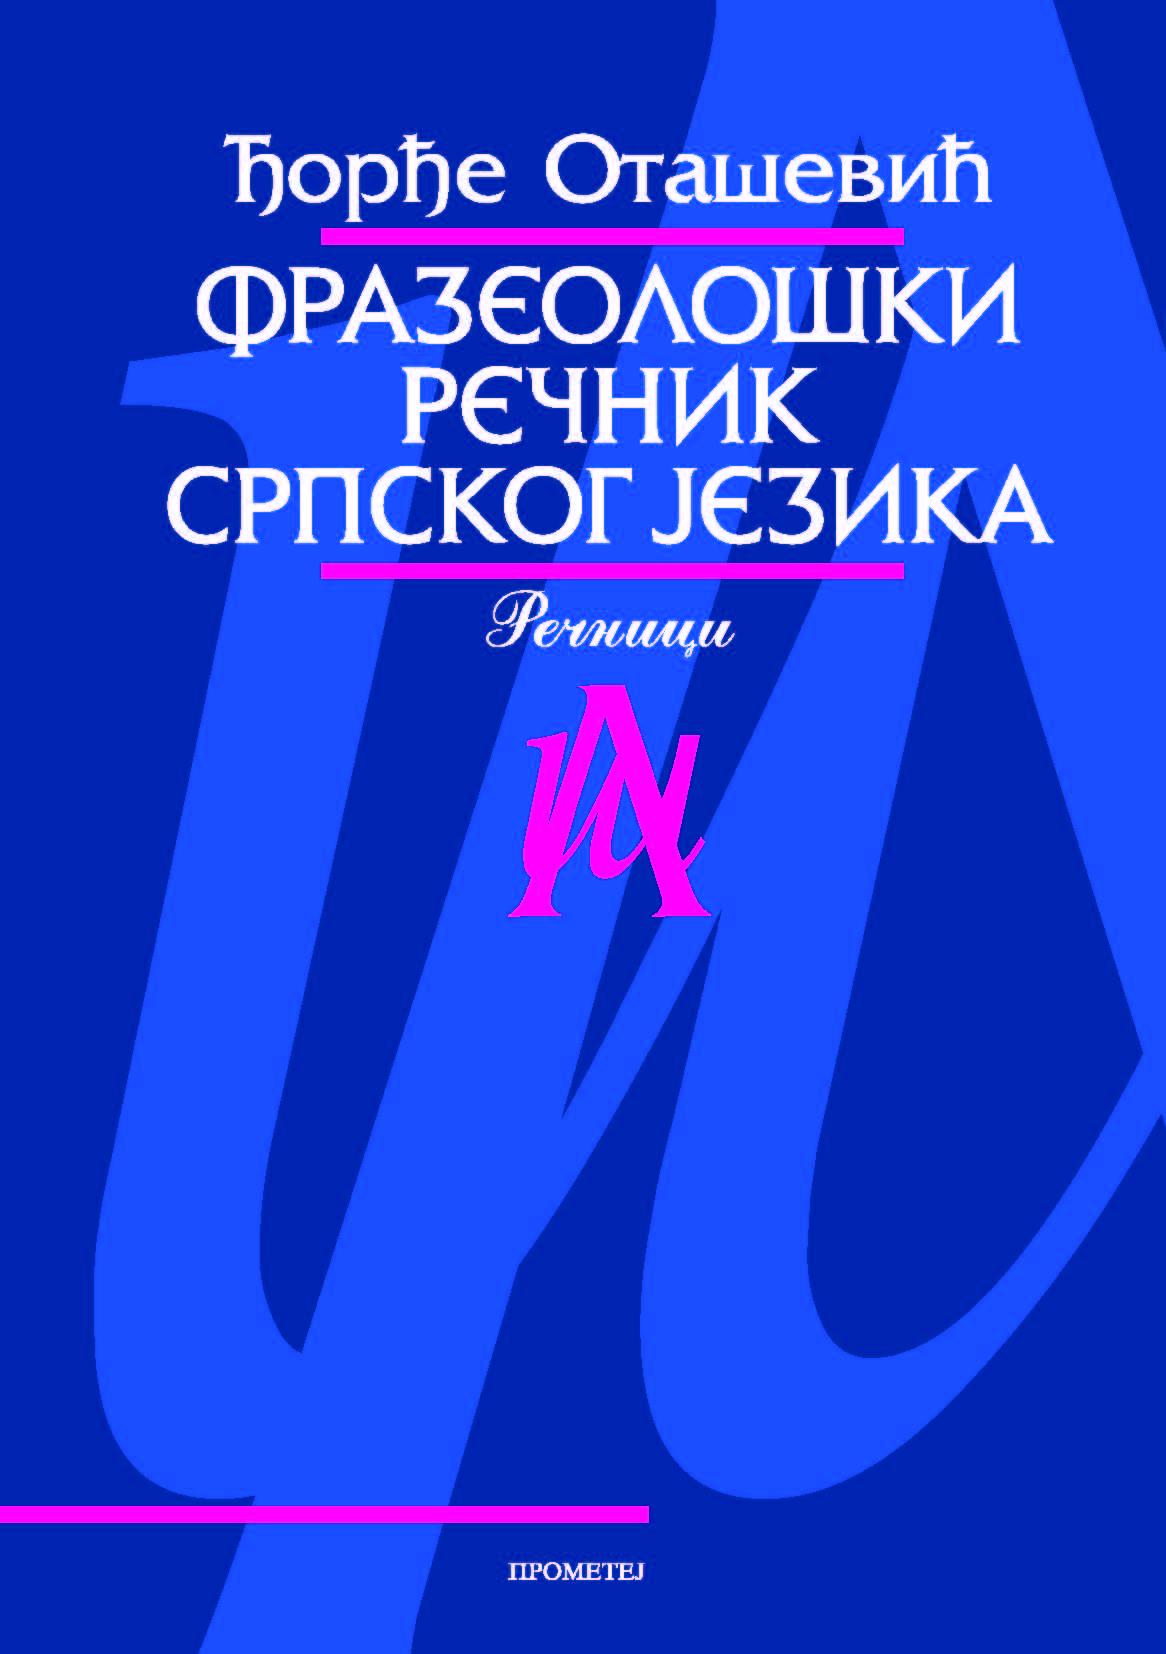 Фразеолошки речник српског језика